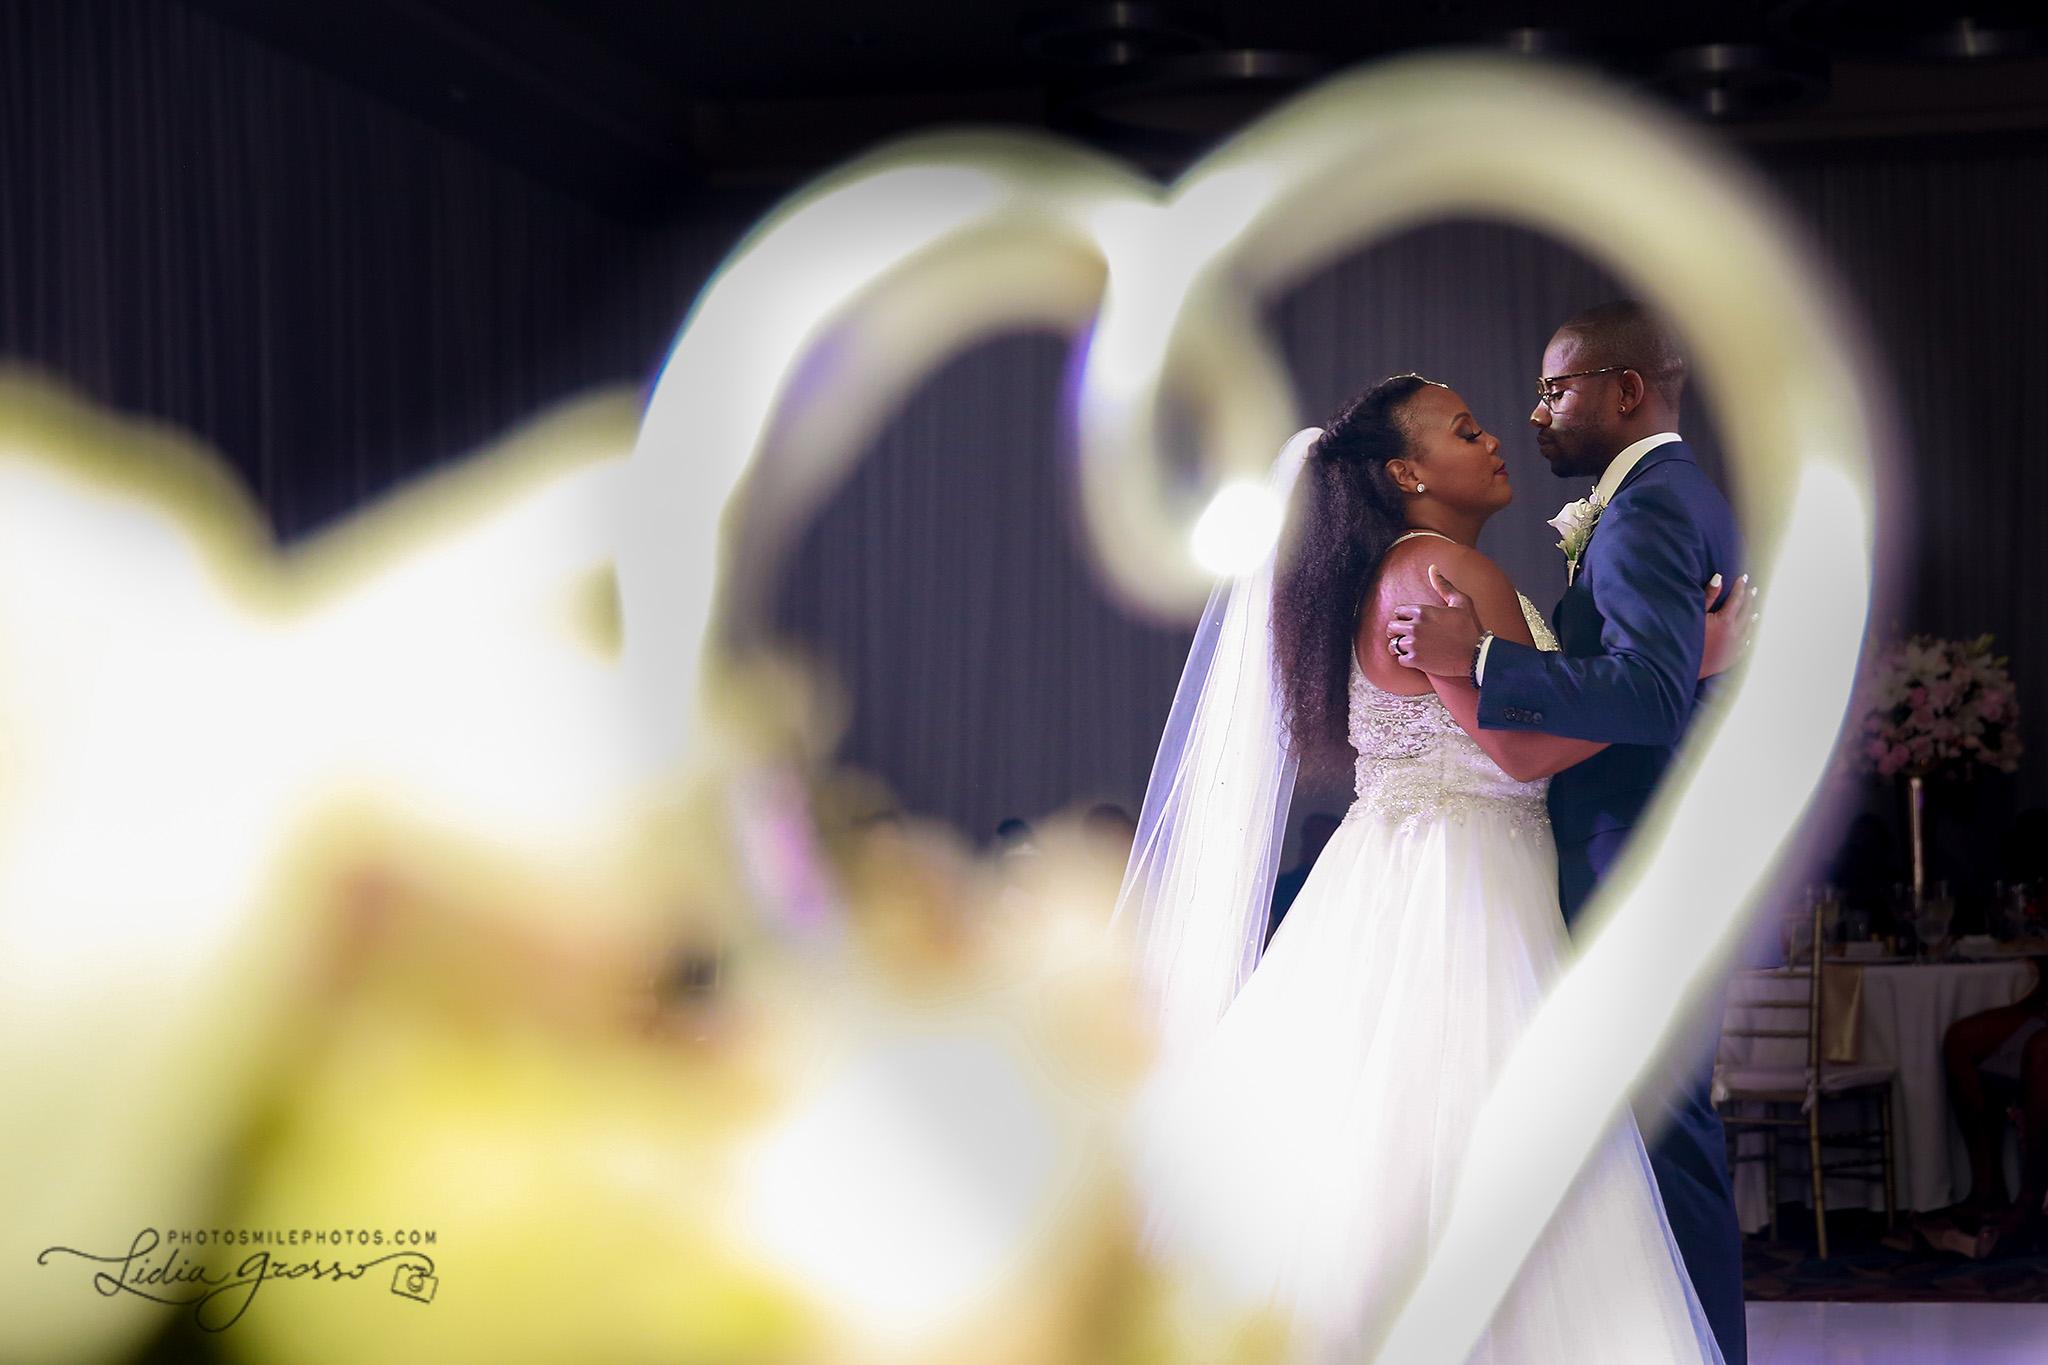 Jahleeka-TJ-wedding-Hyatt-Ziva-629s.jpg